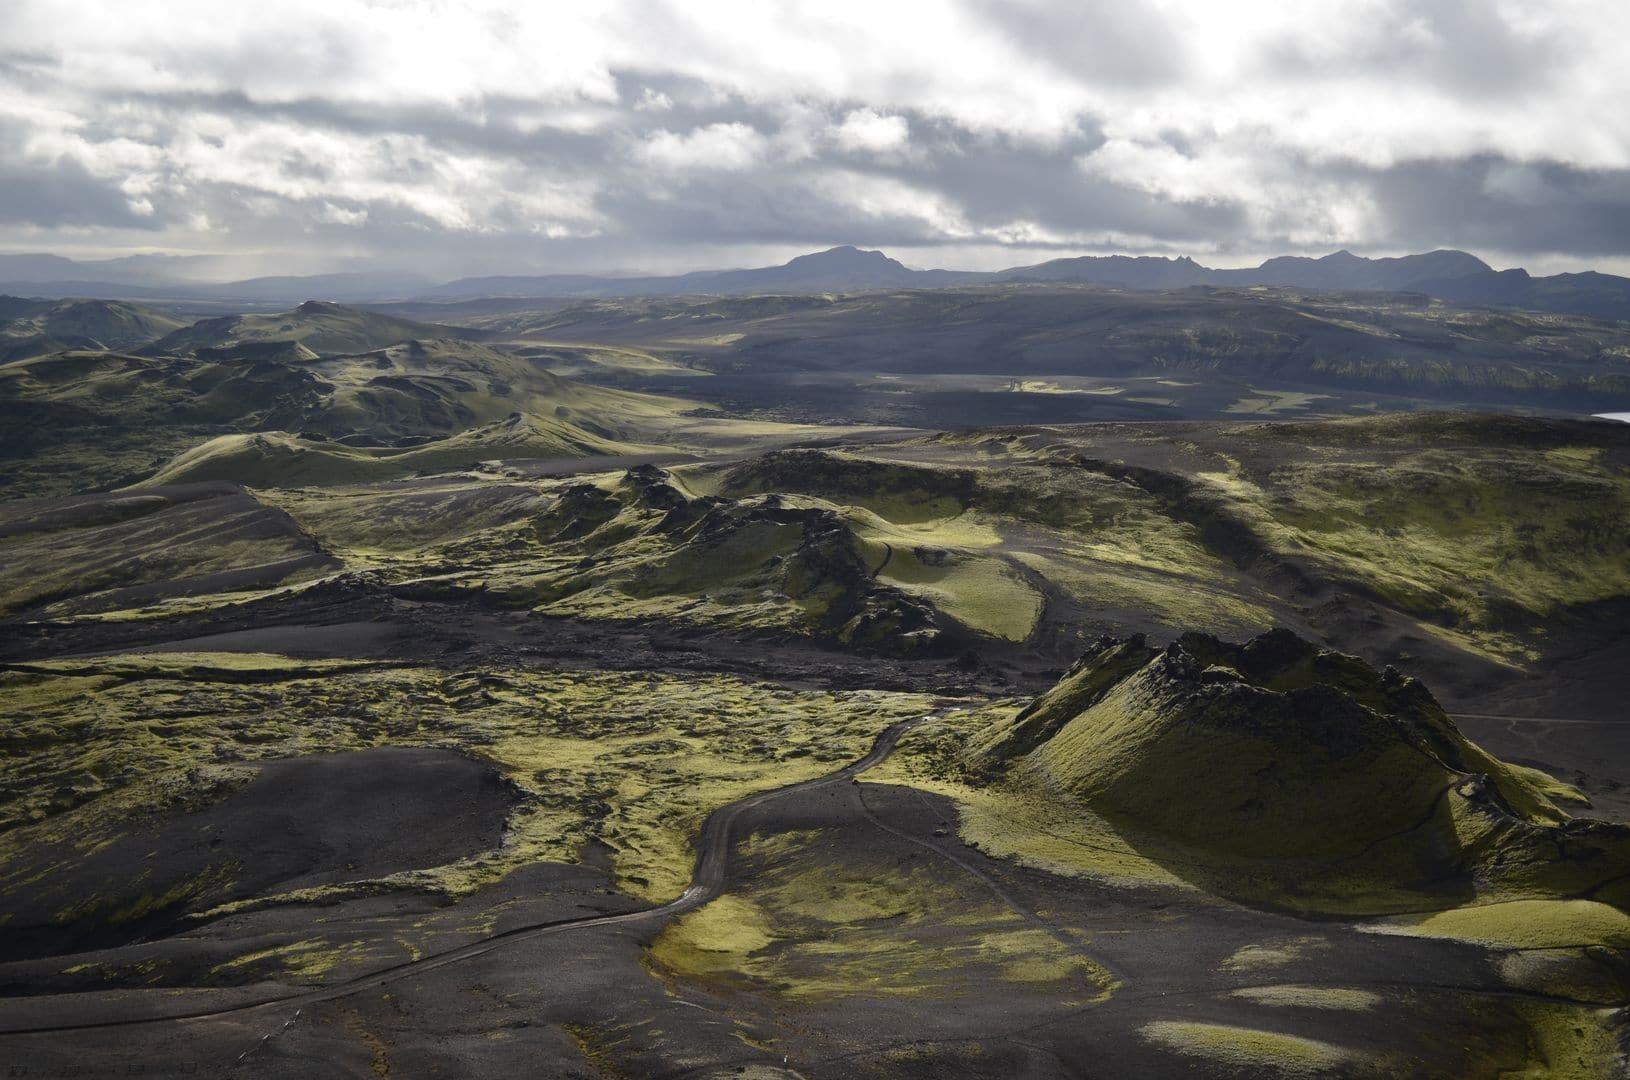 In Island habe ich einen absoluten Lieblingsort, den man Gott sei Dank, wohl auch wegen der zahlreichen Flussüberquerungen, mit nicht allzu vielen Leuten (oder in unserem Falle nur mit zwei weiteren Menschen) teilt. Das ist die Lakagigar Spalte. Es ist für mich tatsächlich der schönste Ort der Welt!